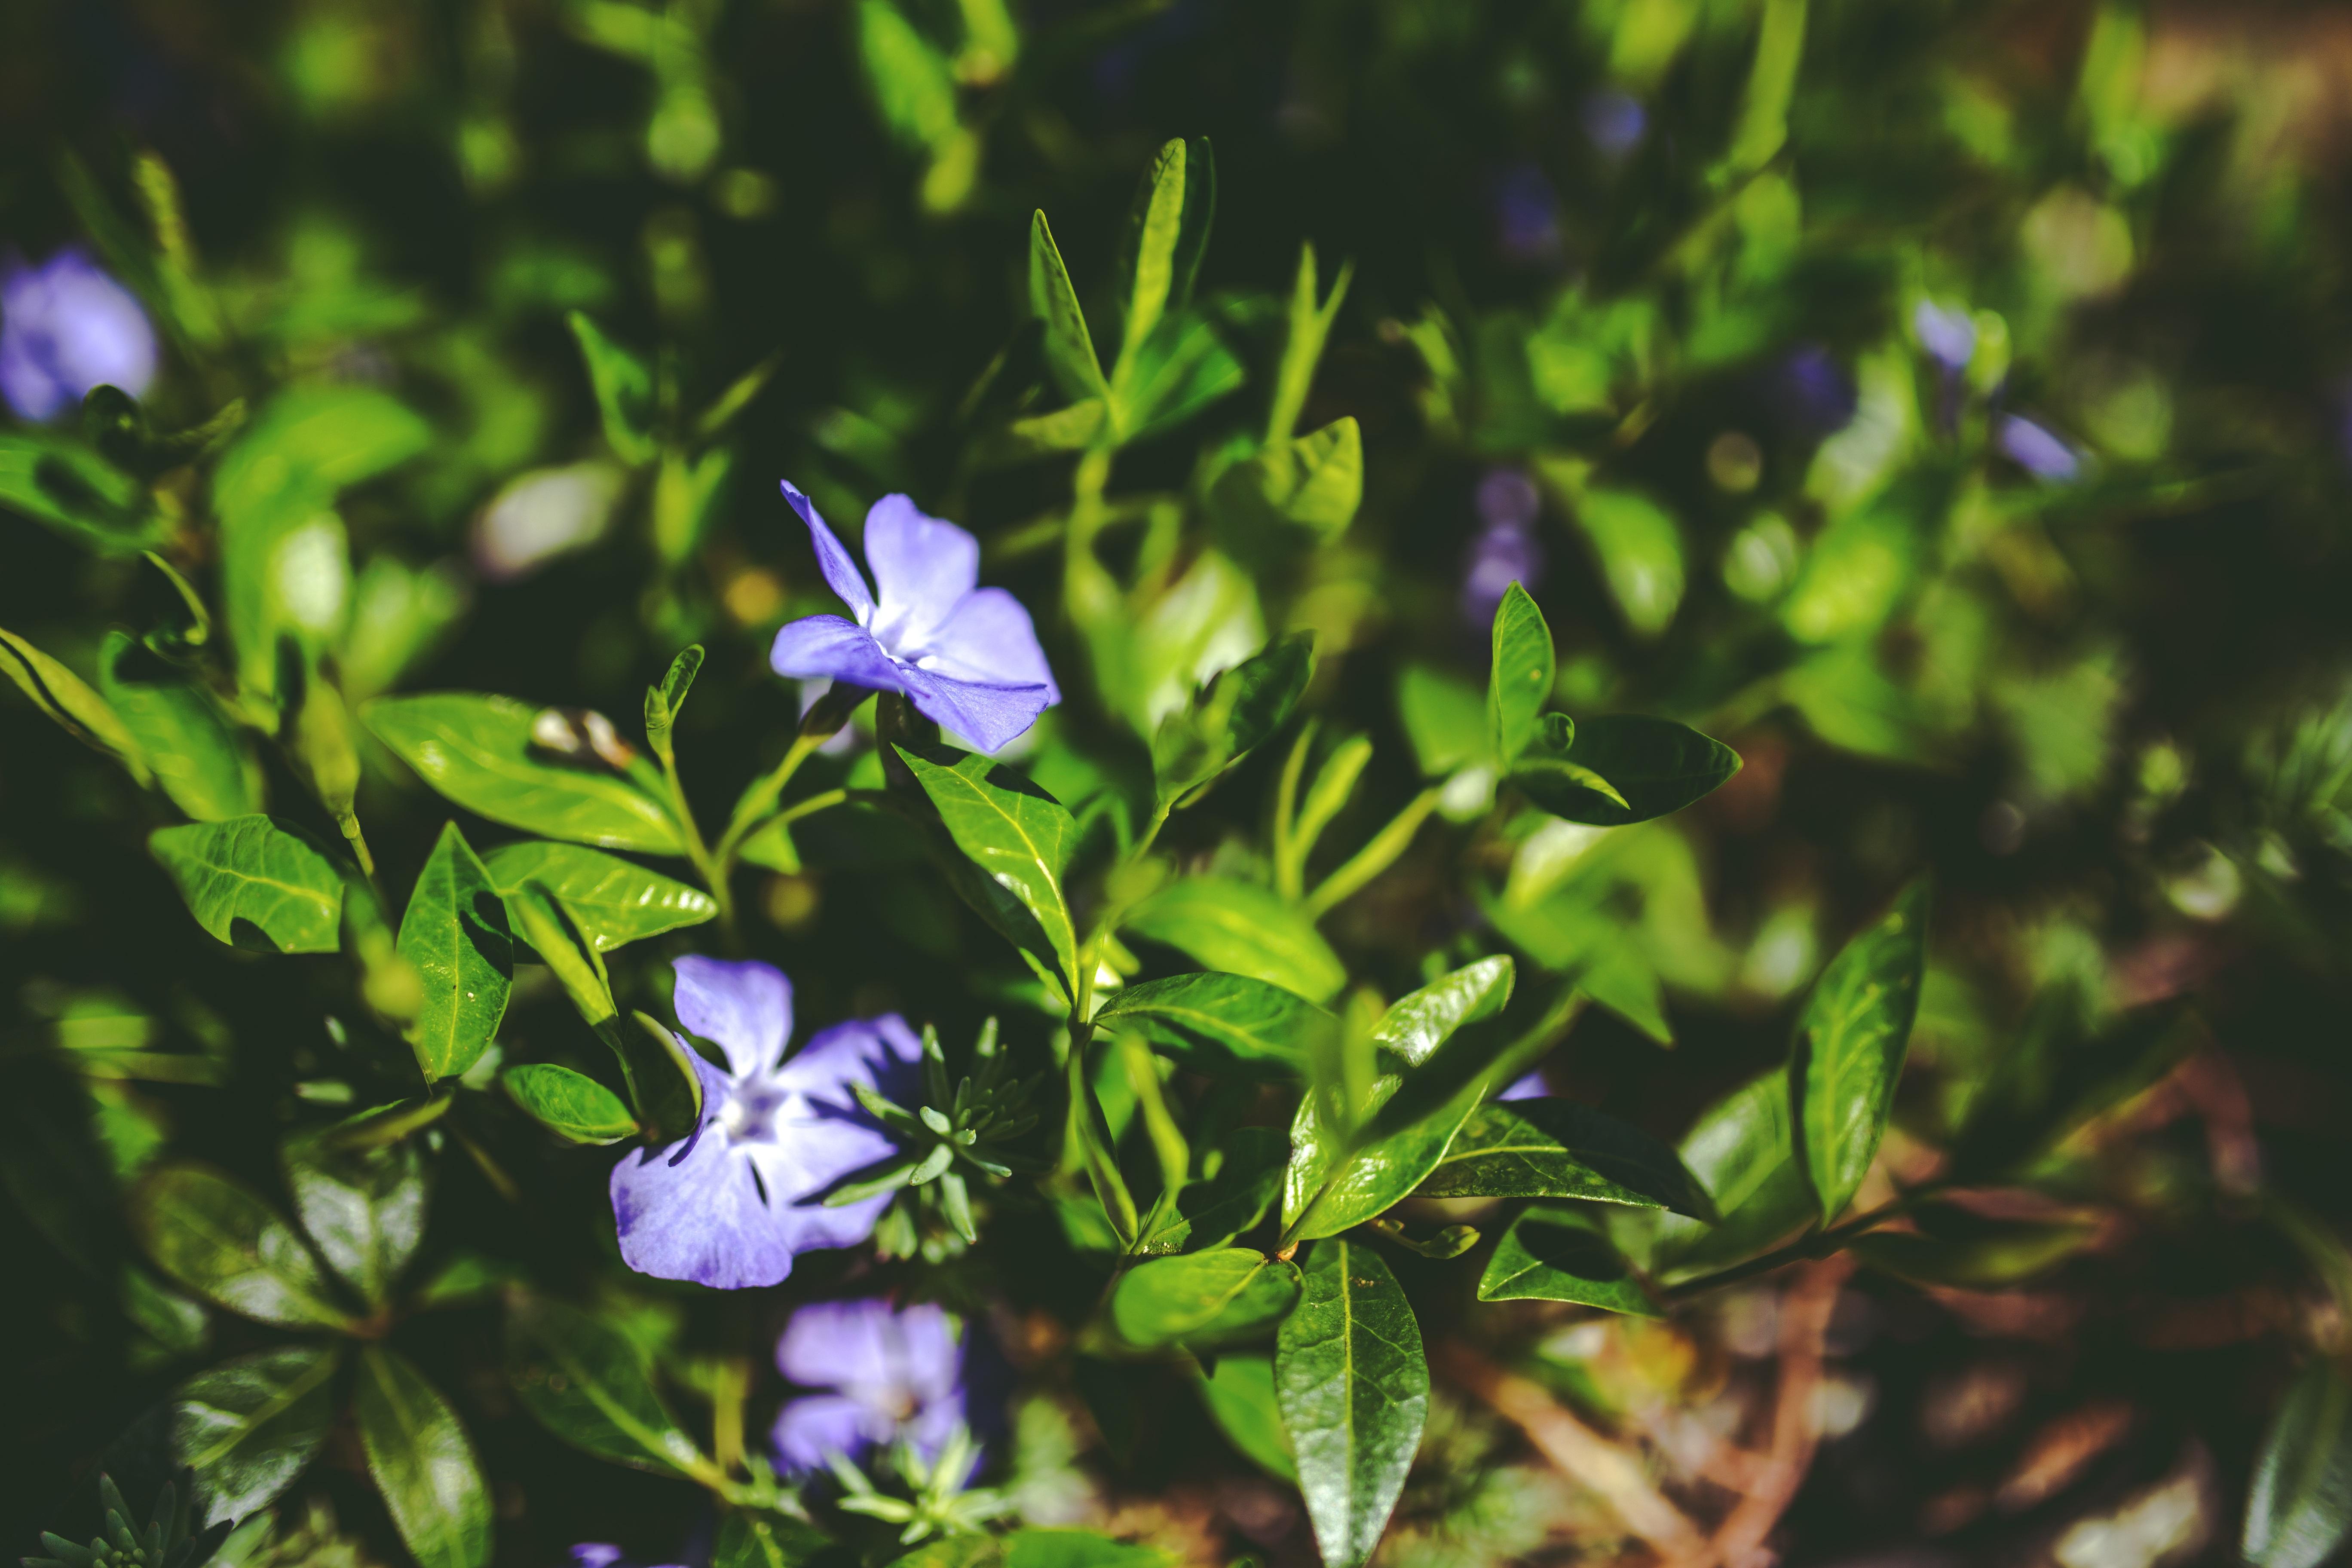 free images : leaf, flower, purple, green, botany, garden, decor